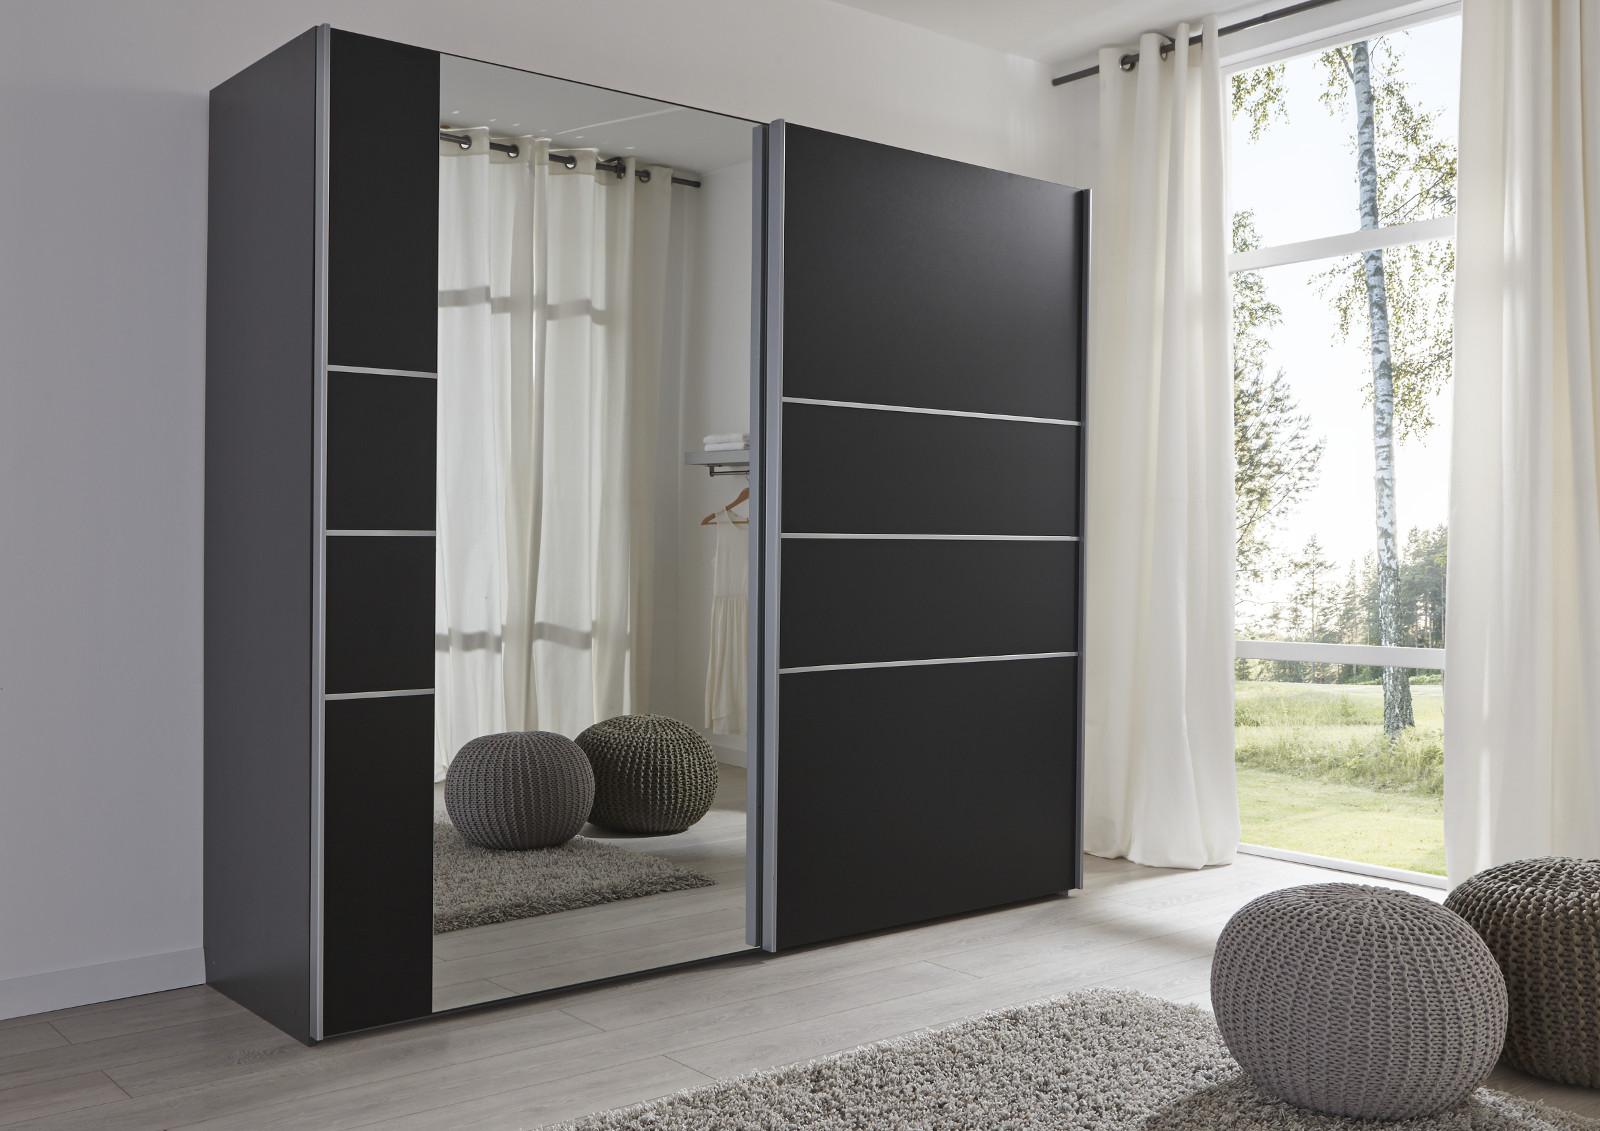 Schlafzimmer Schrank Schwarz #19: Kleiderschrank Schwarz Weiß Schwebetürenschrank Kleiderschrank Weiß Spiegel